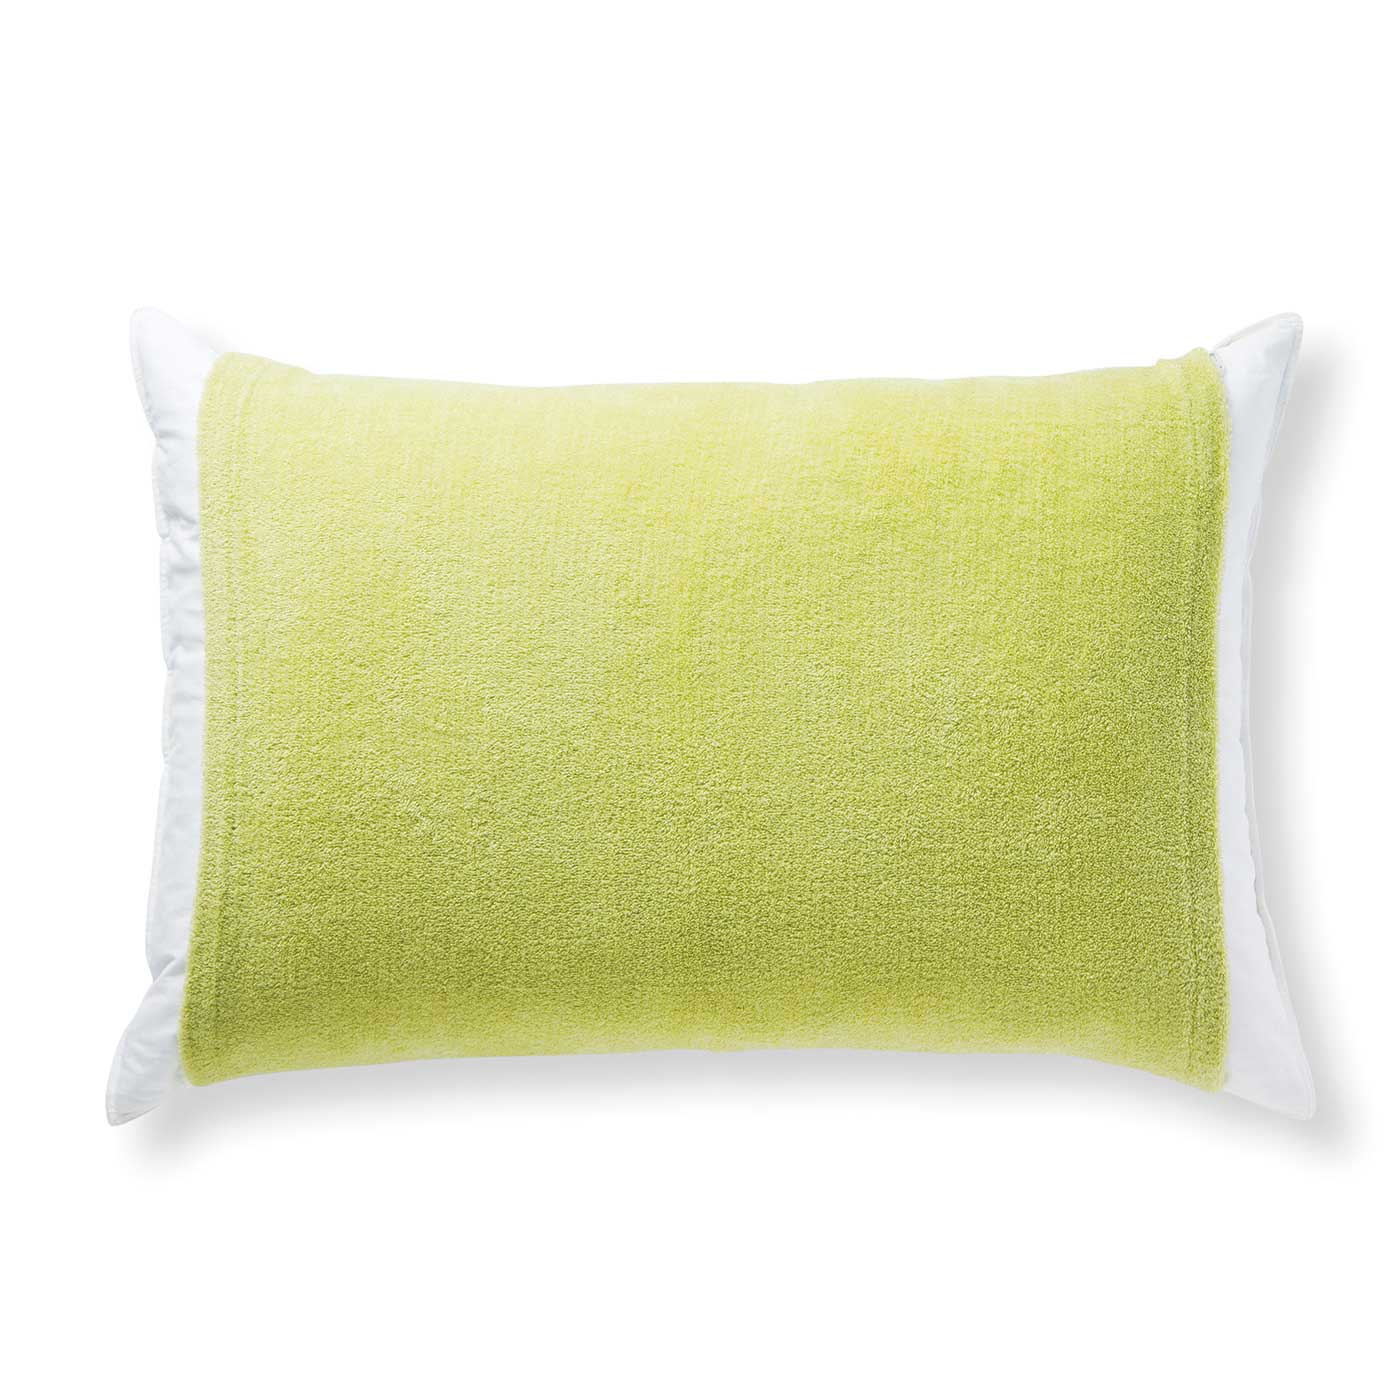 眠りをサポートするアロマオイルをイメージしたカラー。